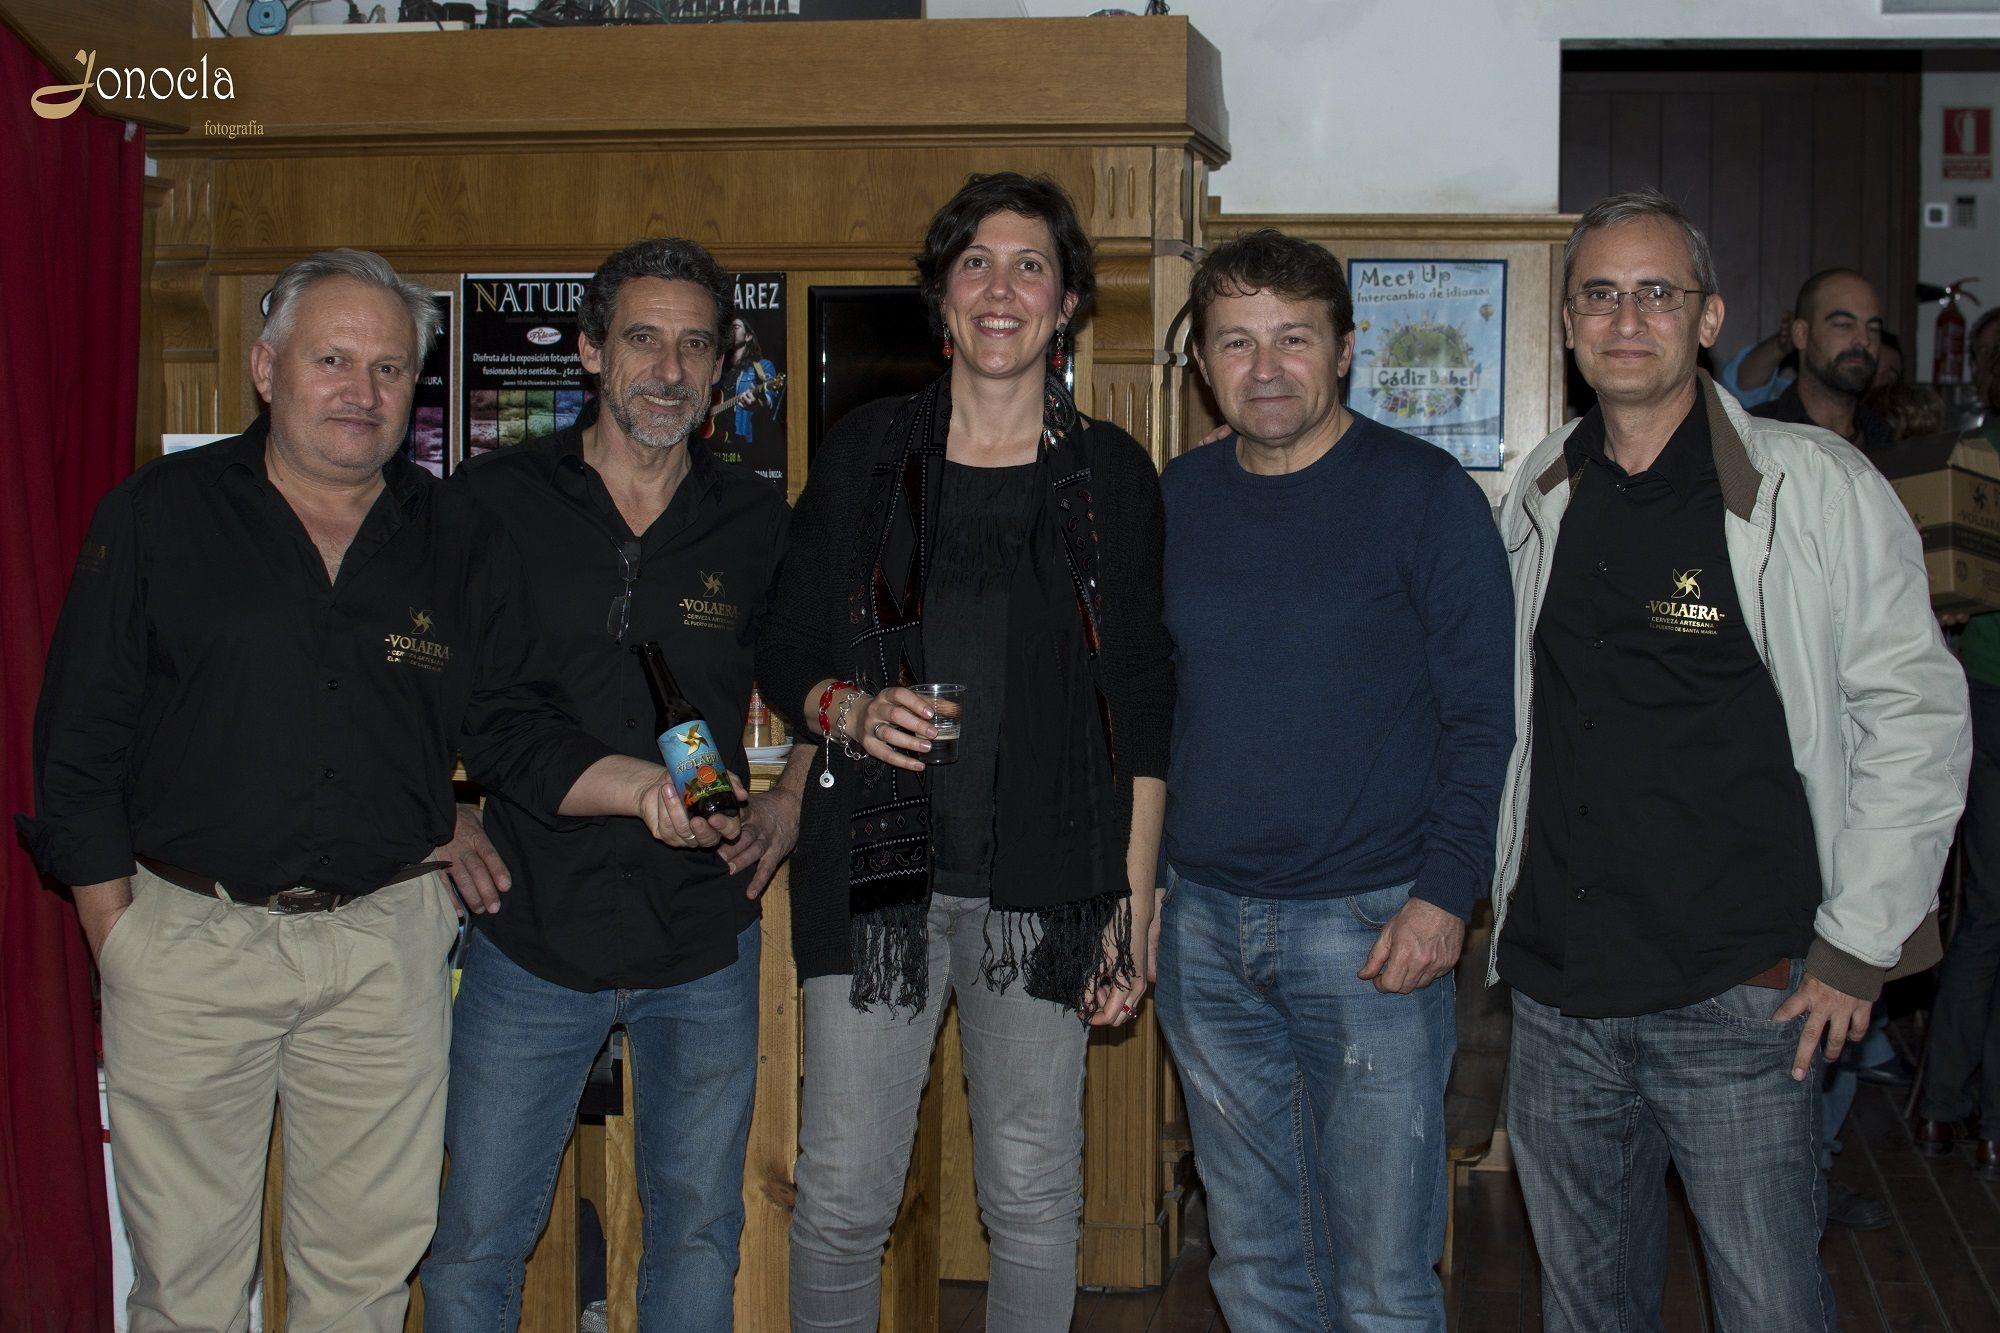 Manuel Comino (VOLAERA), Cristóbal Pérez (VOLAERA), Noelia Herrera (JONOCLA FOTOGRAFÍA), Iñaki Xalabarde (BULERI) y José Manuel Quetal (VOLAERA)